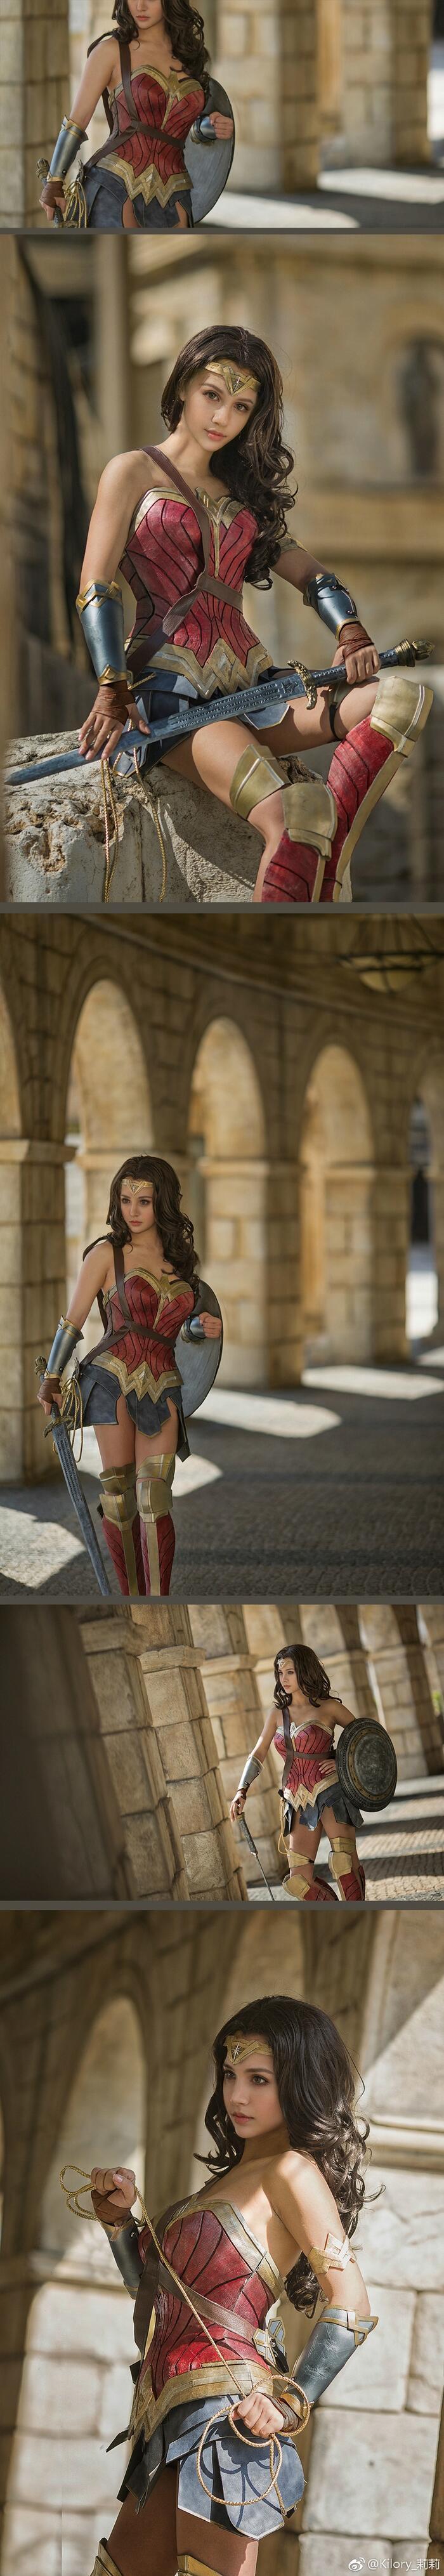 Cùng ngắm loạt ảnh cosplay xinh đẹp mà đầy khí chất về Wonder Woman Ảnh 2